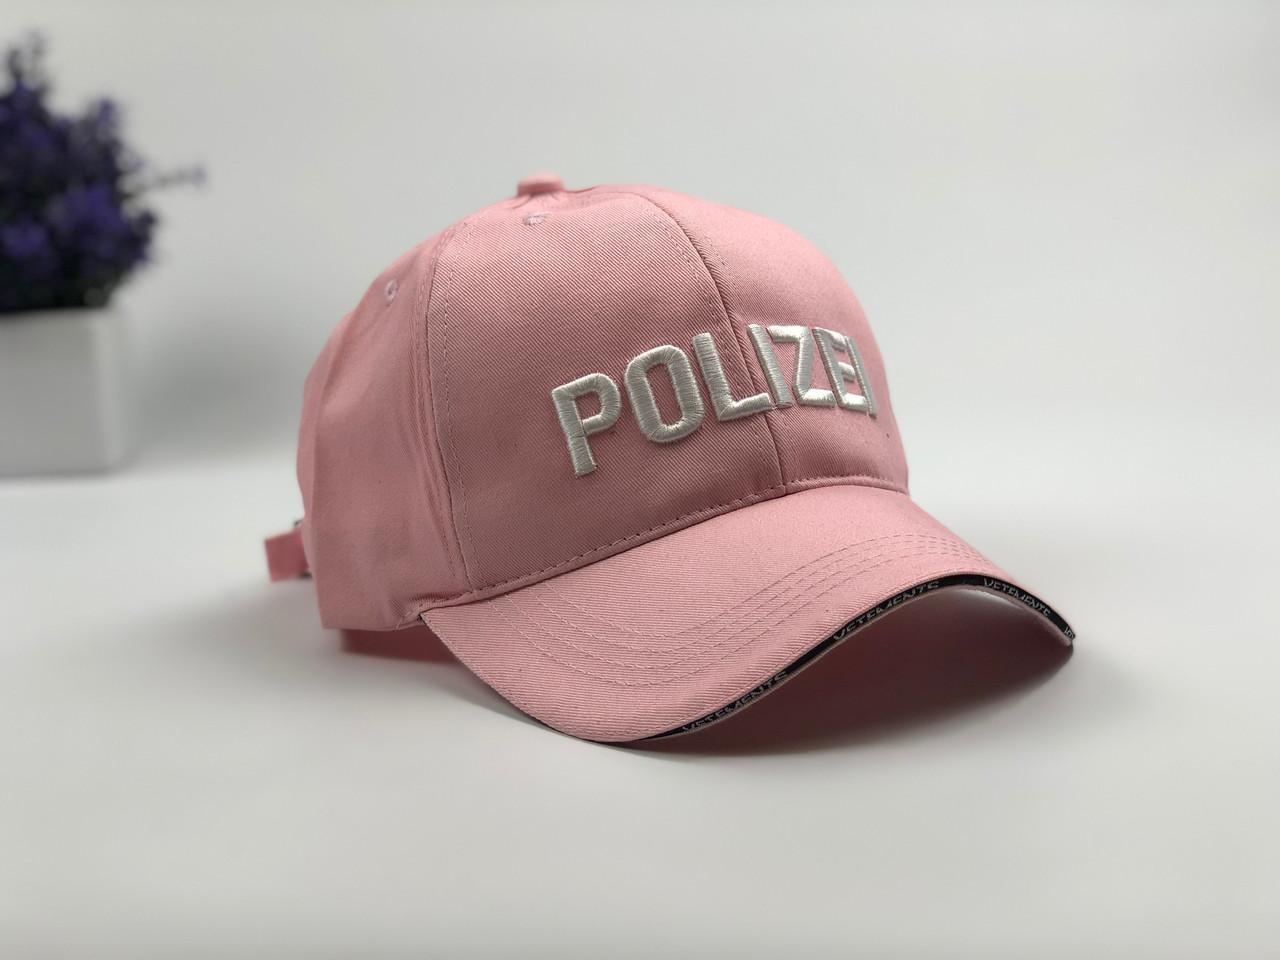 Кепка Бейсболка Мужская Женская Vetements с надписью Polizei Розовая